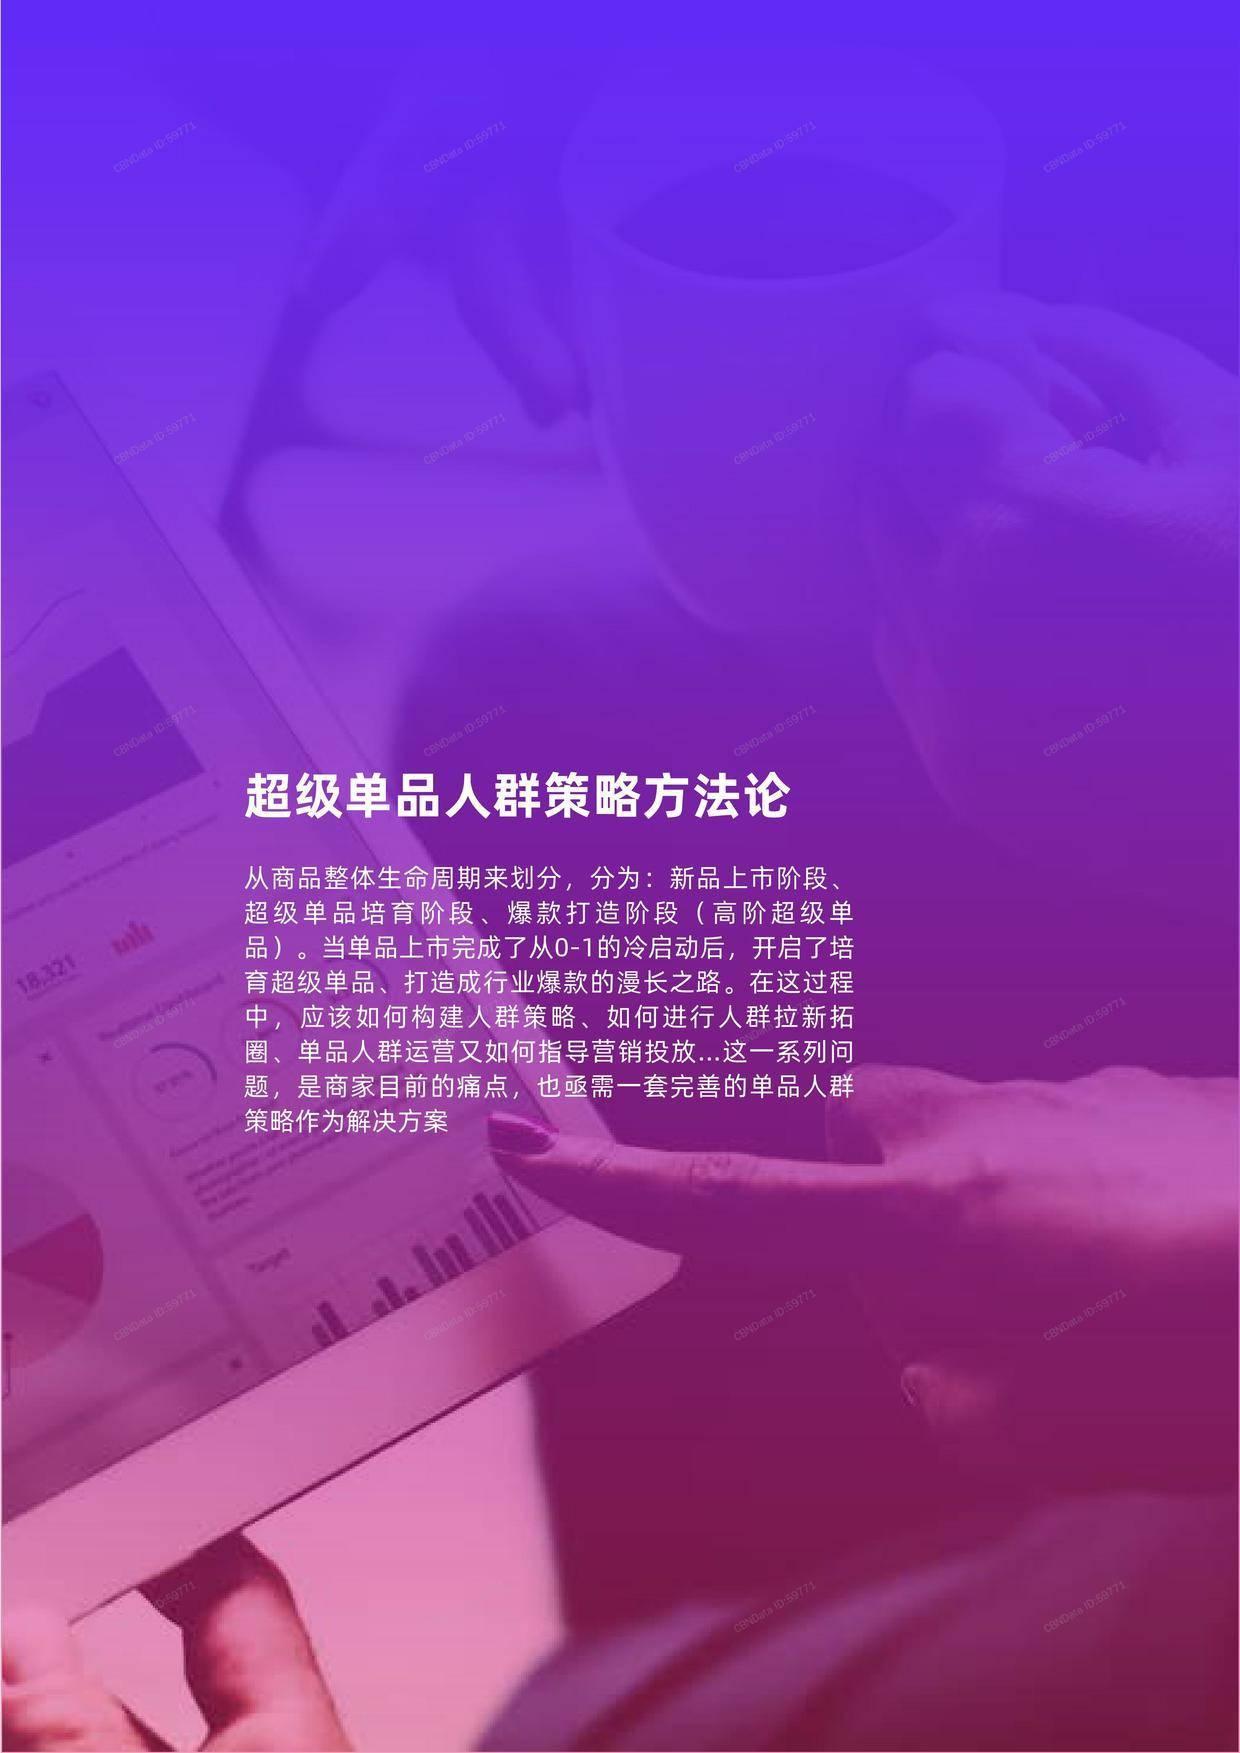 双11投资指南:超级单品人群策略洞察